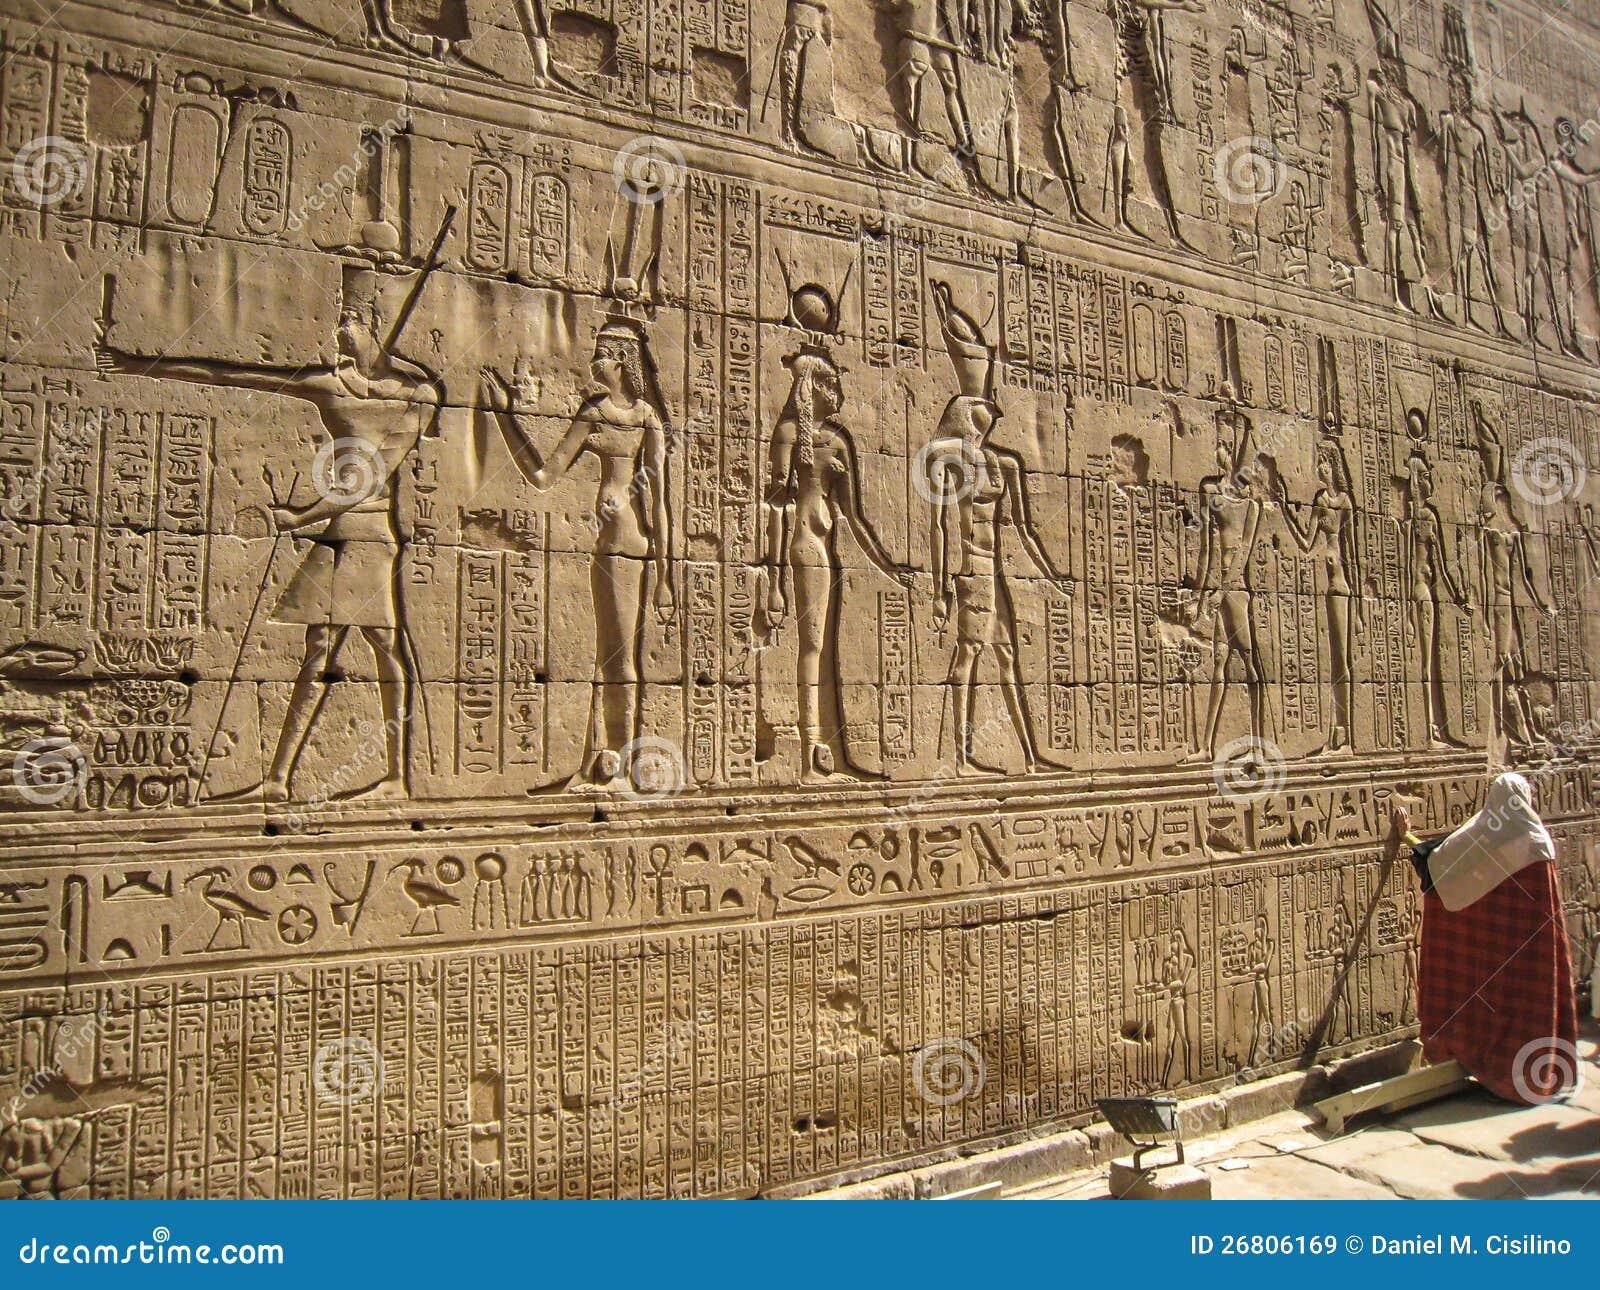 Hi rogliefen op de muur van tempel van edfu egypte redactionele stock afbeelding afbeelding - Muur van de ingang ...